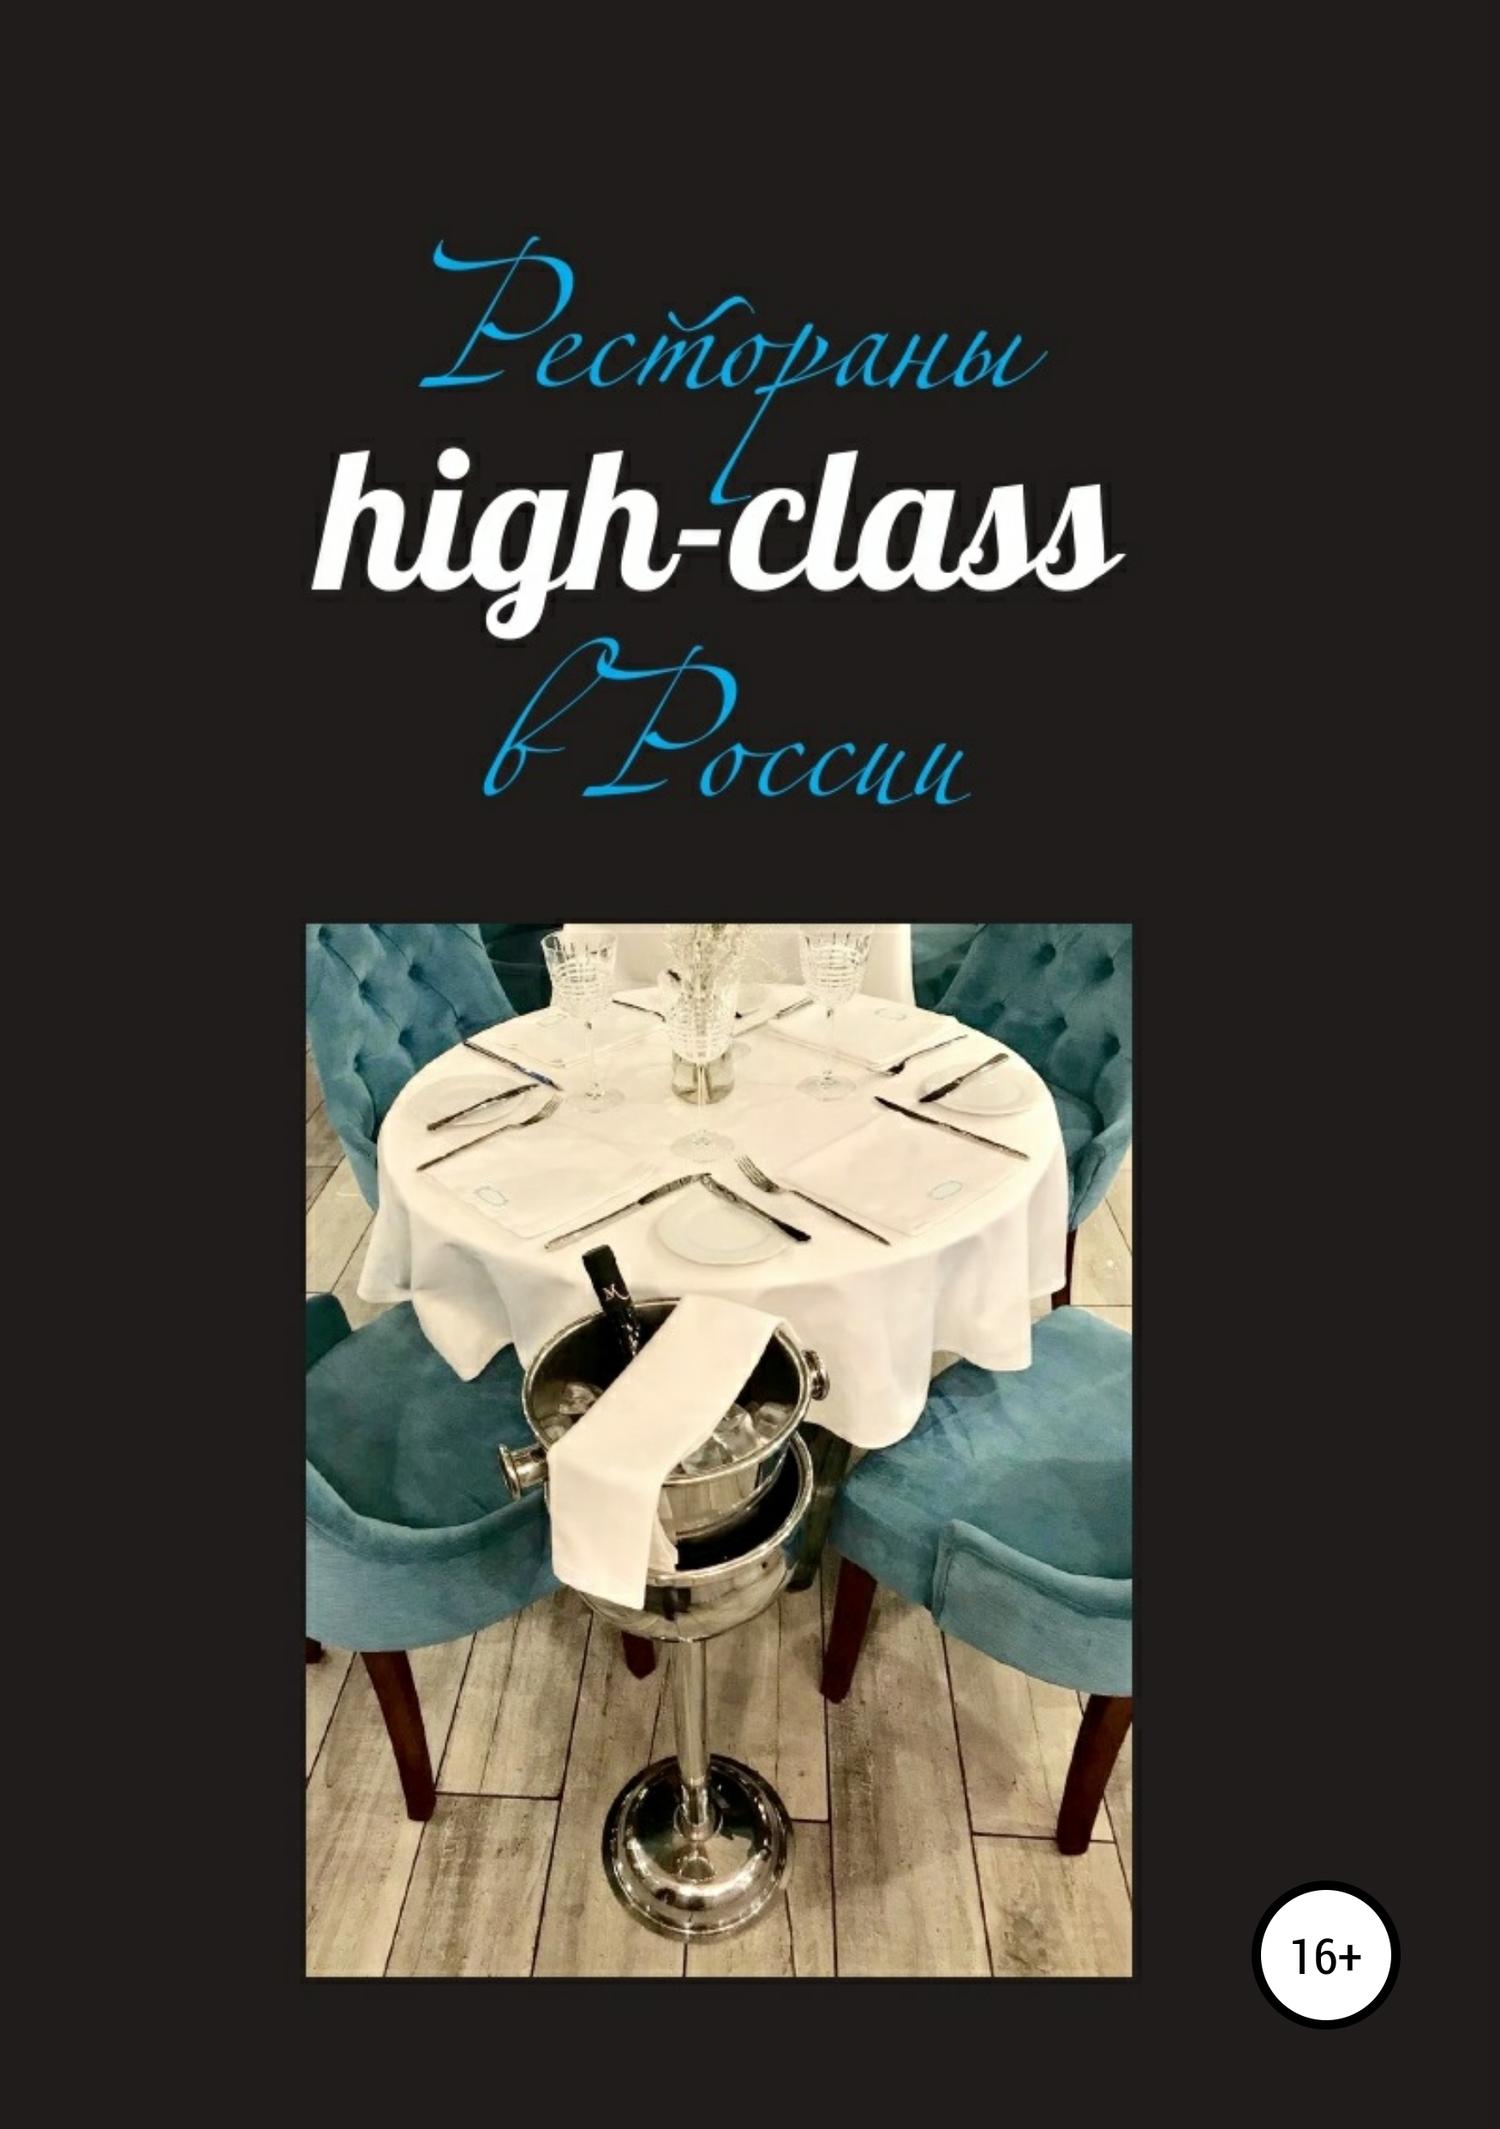 Рестораны high-class в России